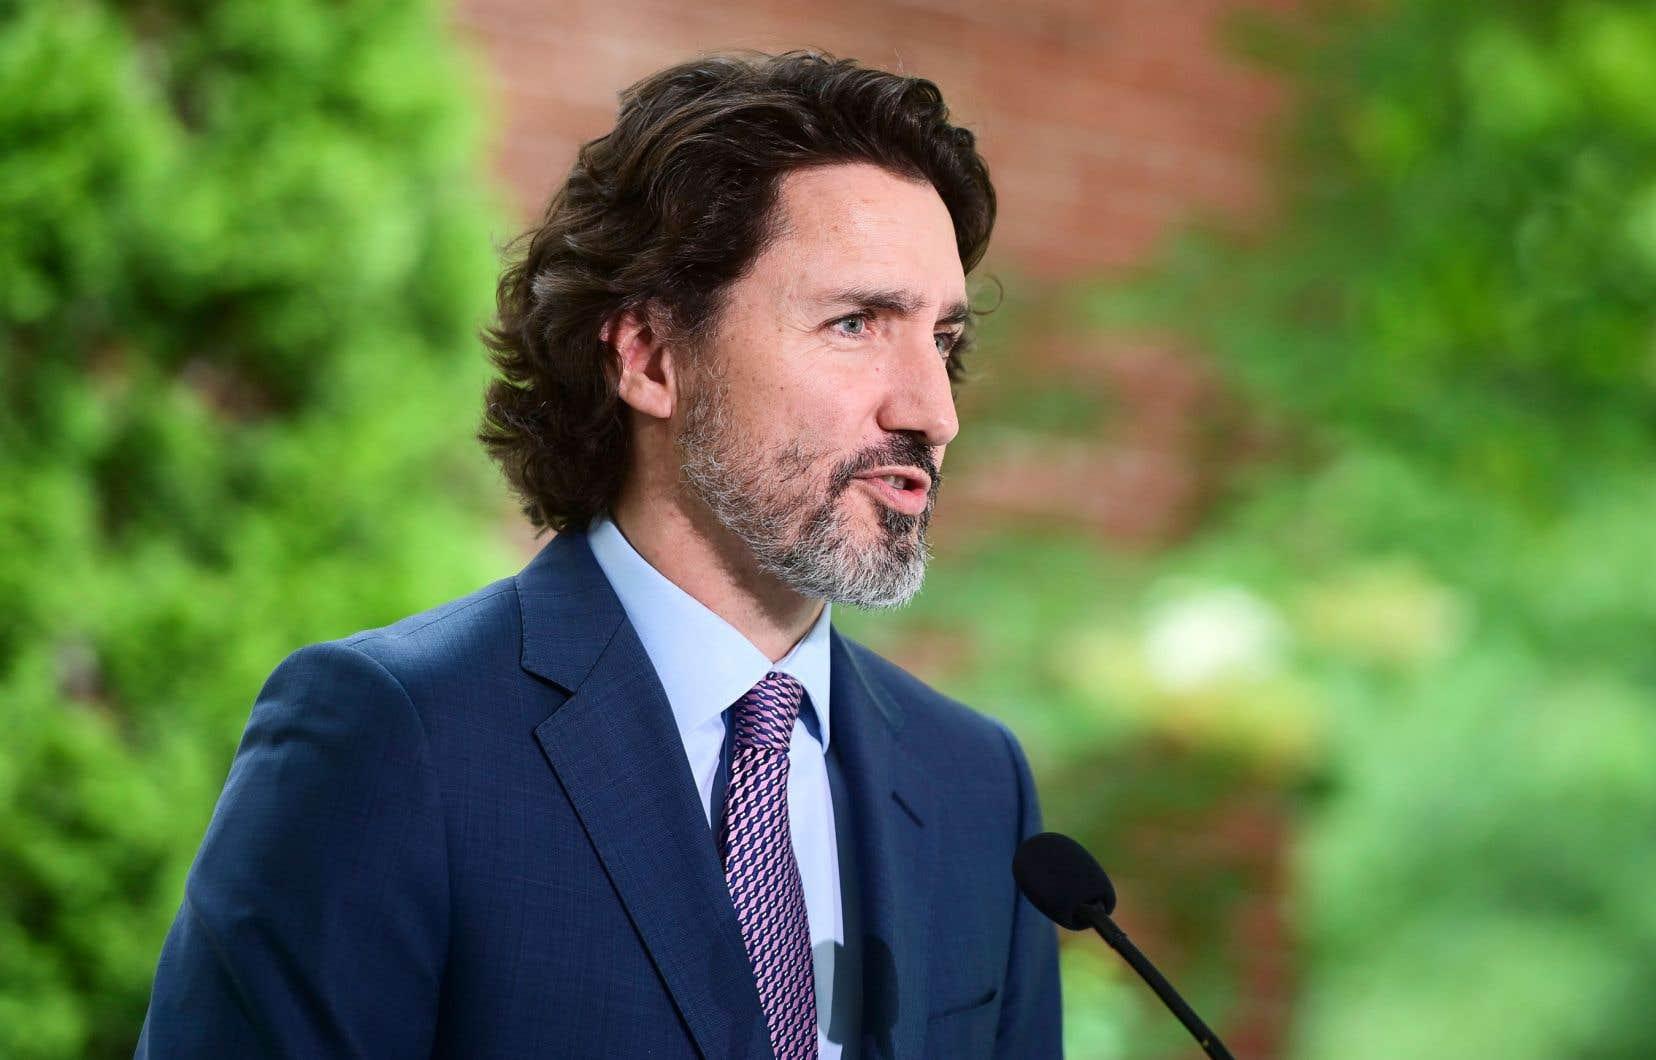 Interrogé sur la question de savoir si le fédéral pourrait s'adresser aux tribunaux pour forcer les églises à dévoiler leurs archives, le premier ministre Justin Trudeau a dit estimer et espérer que ce ne serait pas nécessaire.